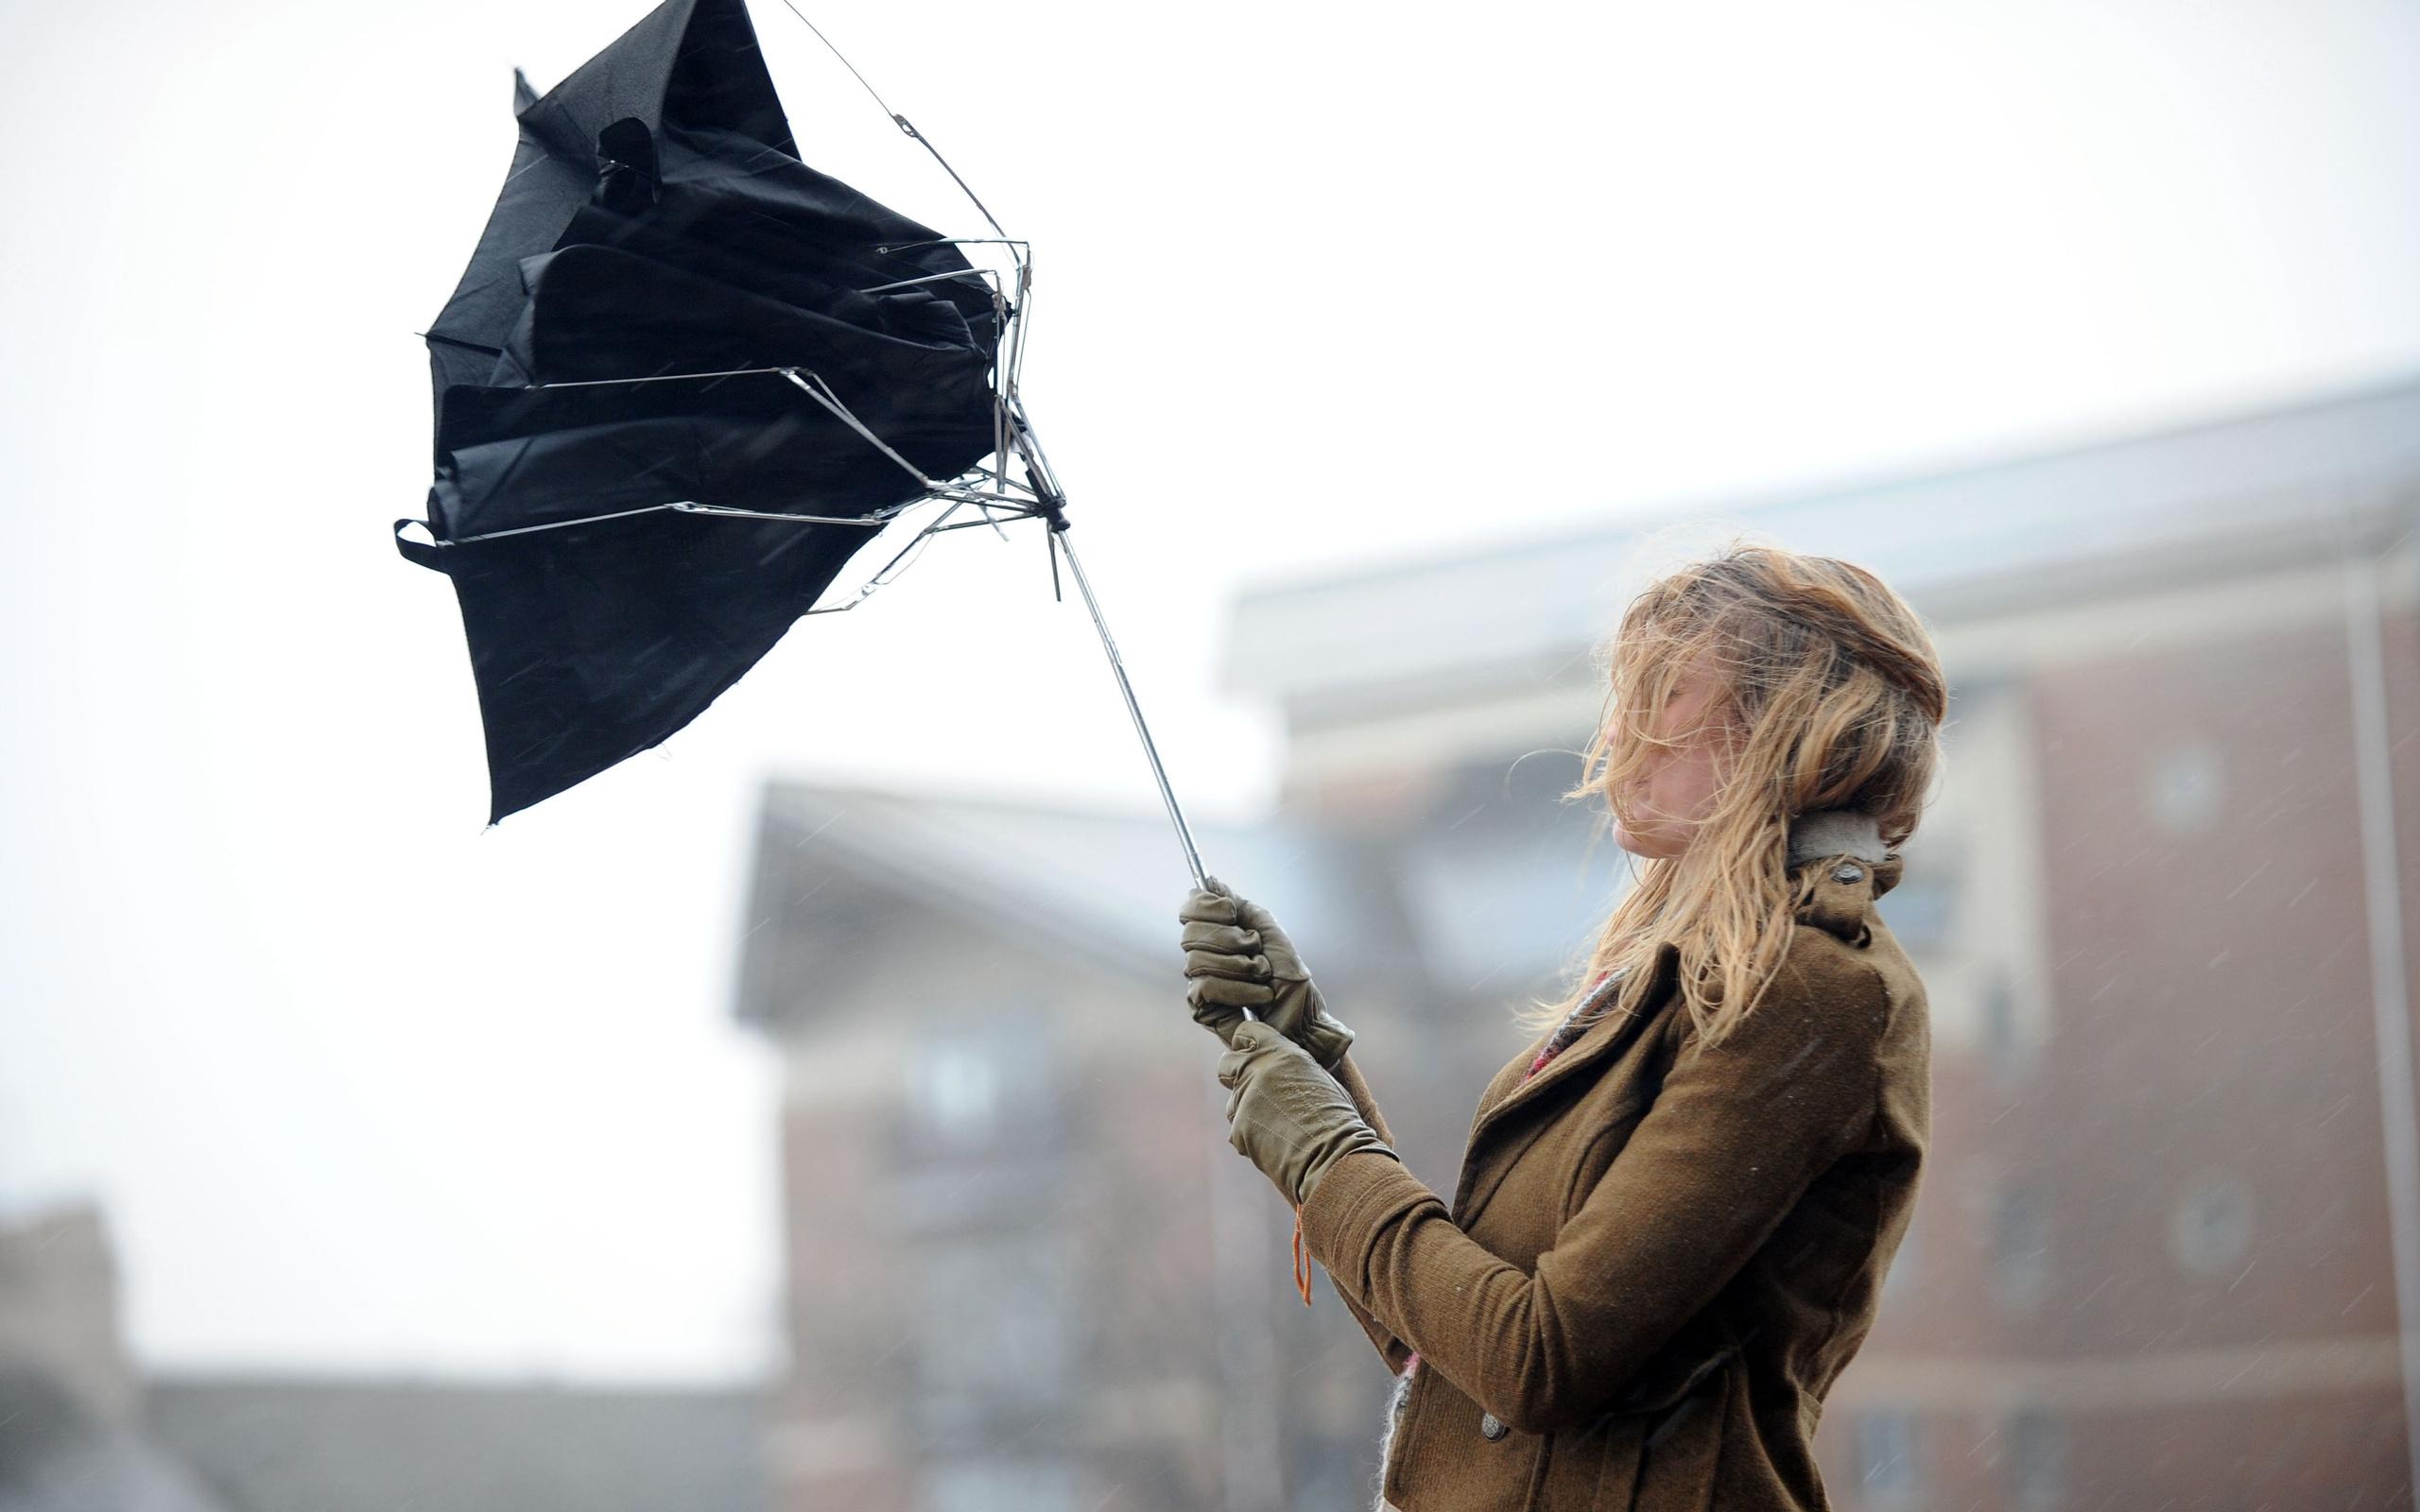 МЧС предупреждает: на Севастополь надвигается штормовой ветер